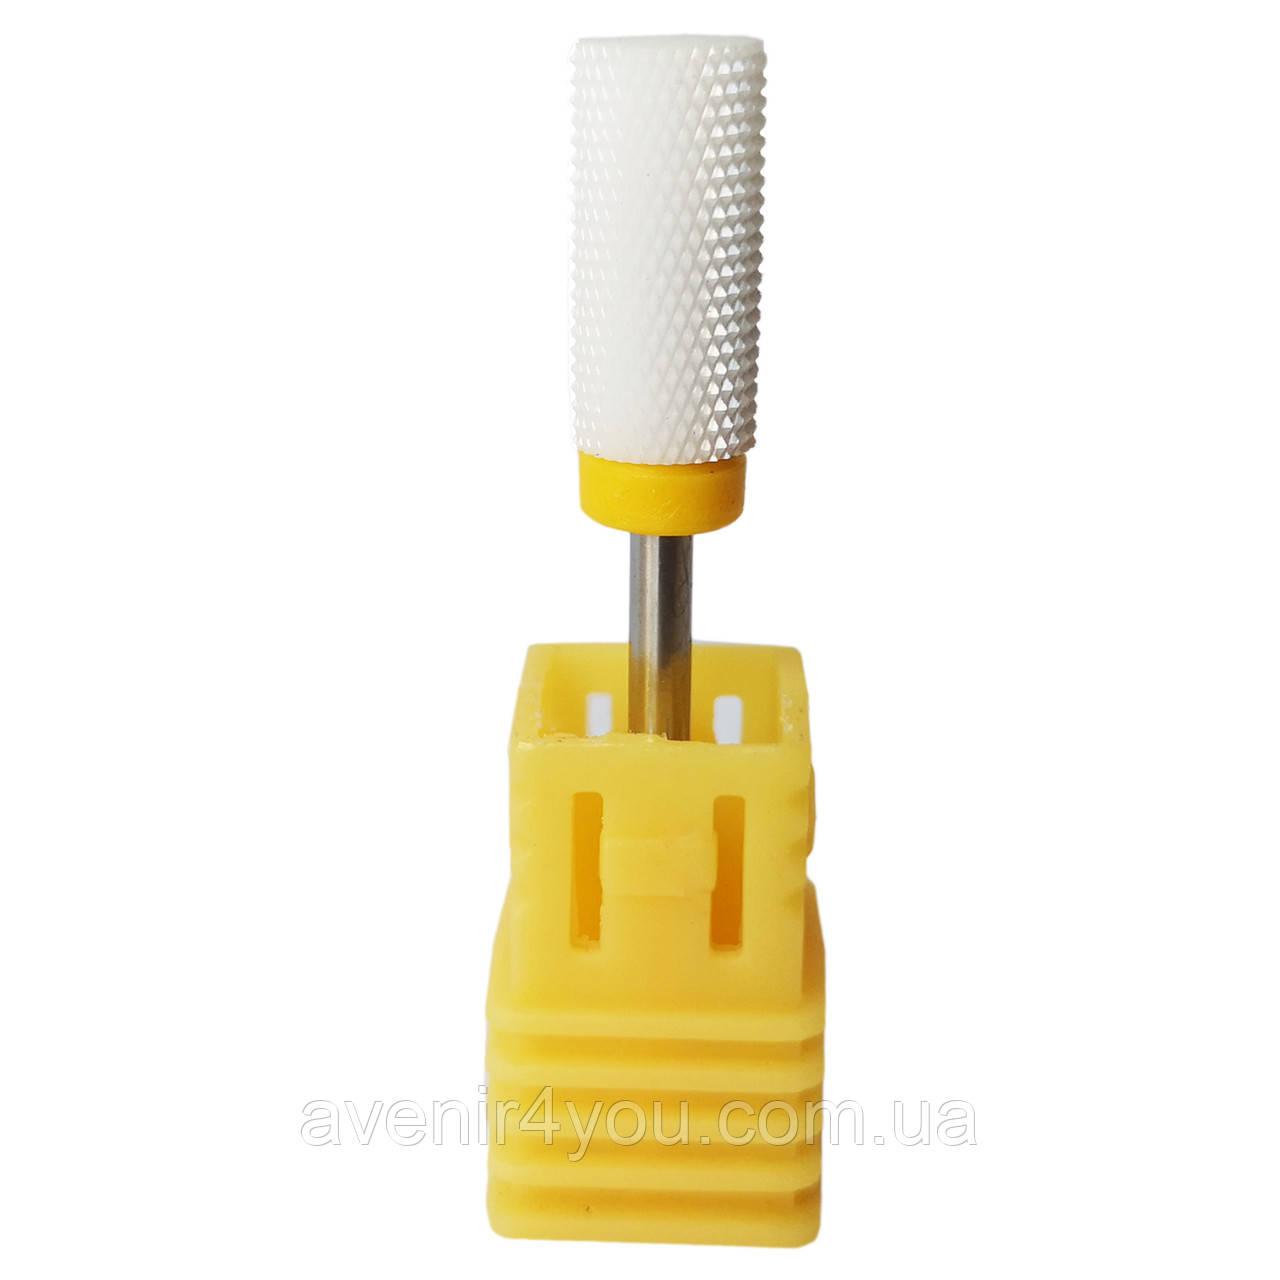 Насадка керамическая Барабан 3/32 Large Barell ХF Желтая №1